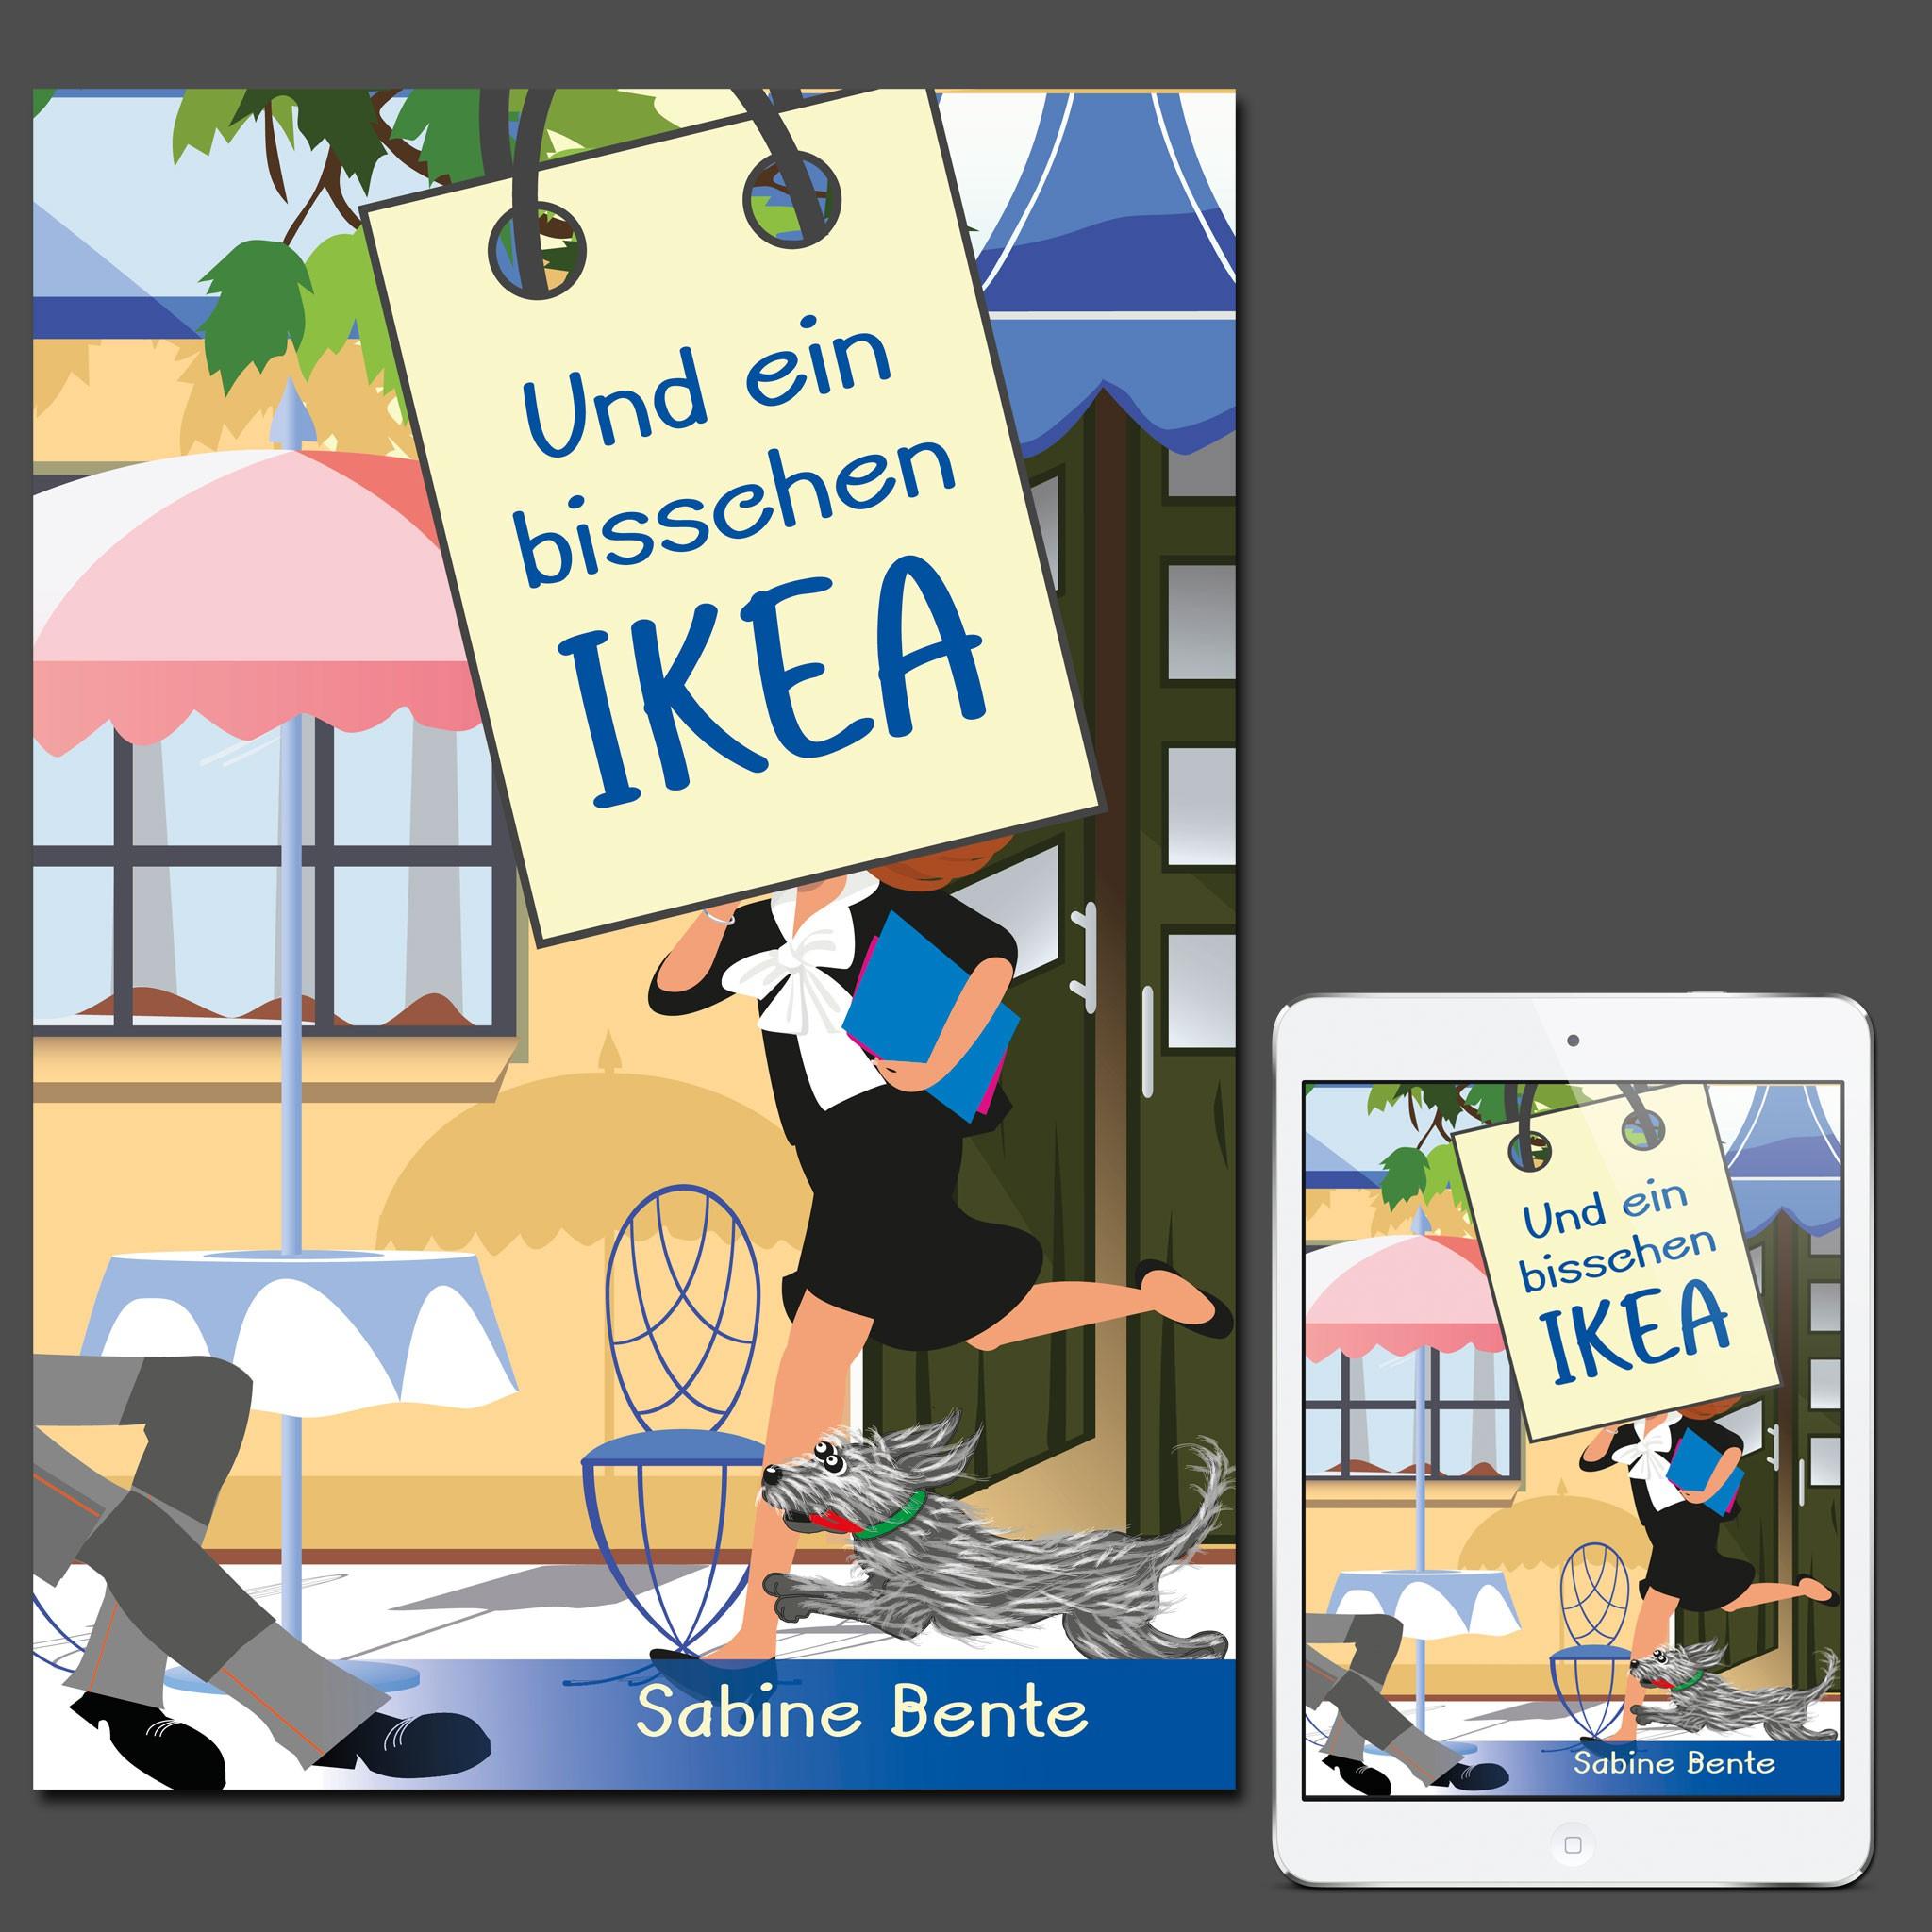 UND EIN BISSCHEN IKEA - Das wird mein Buch!